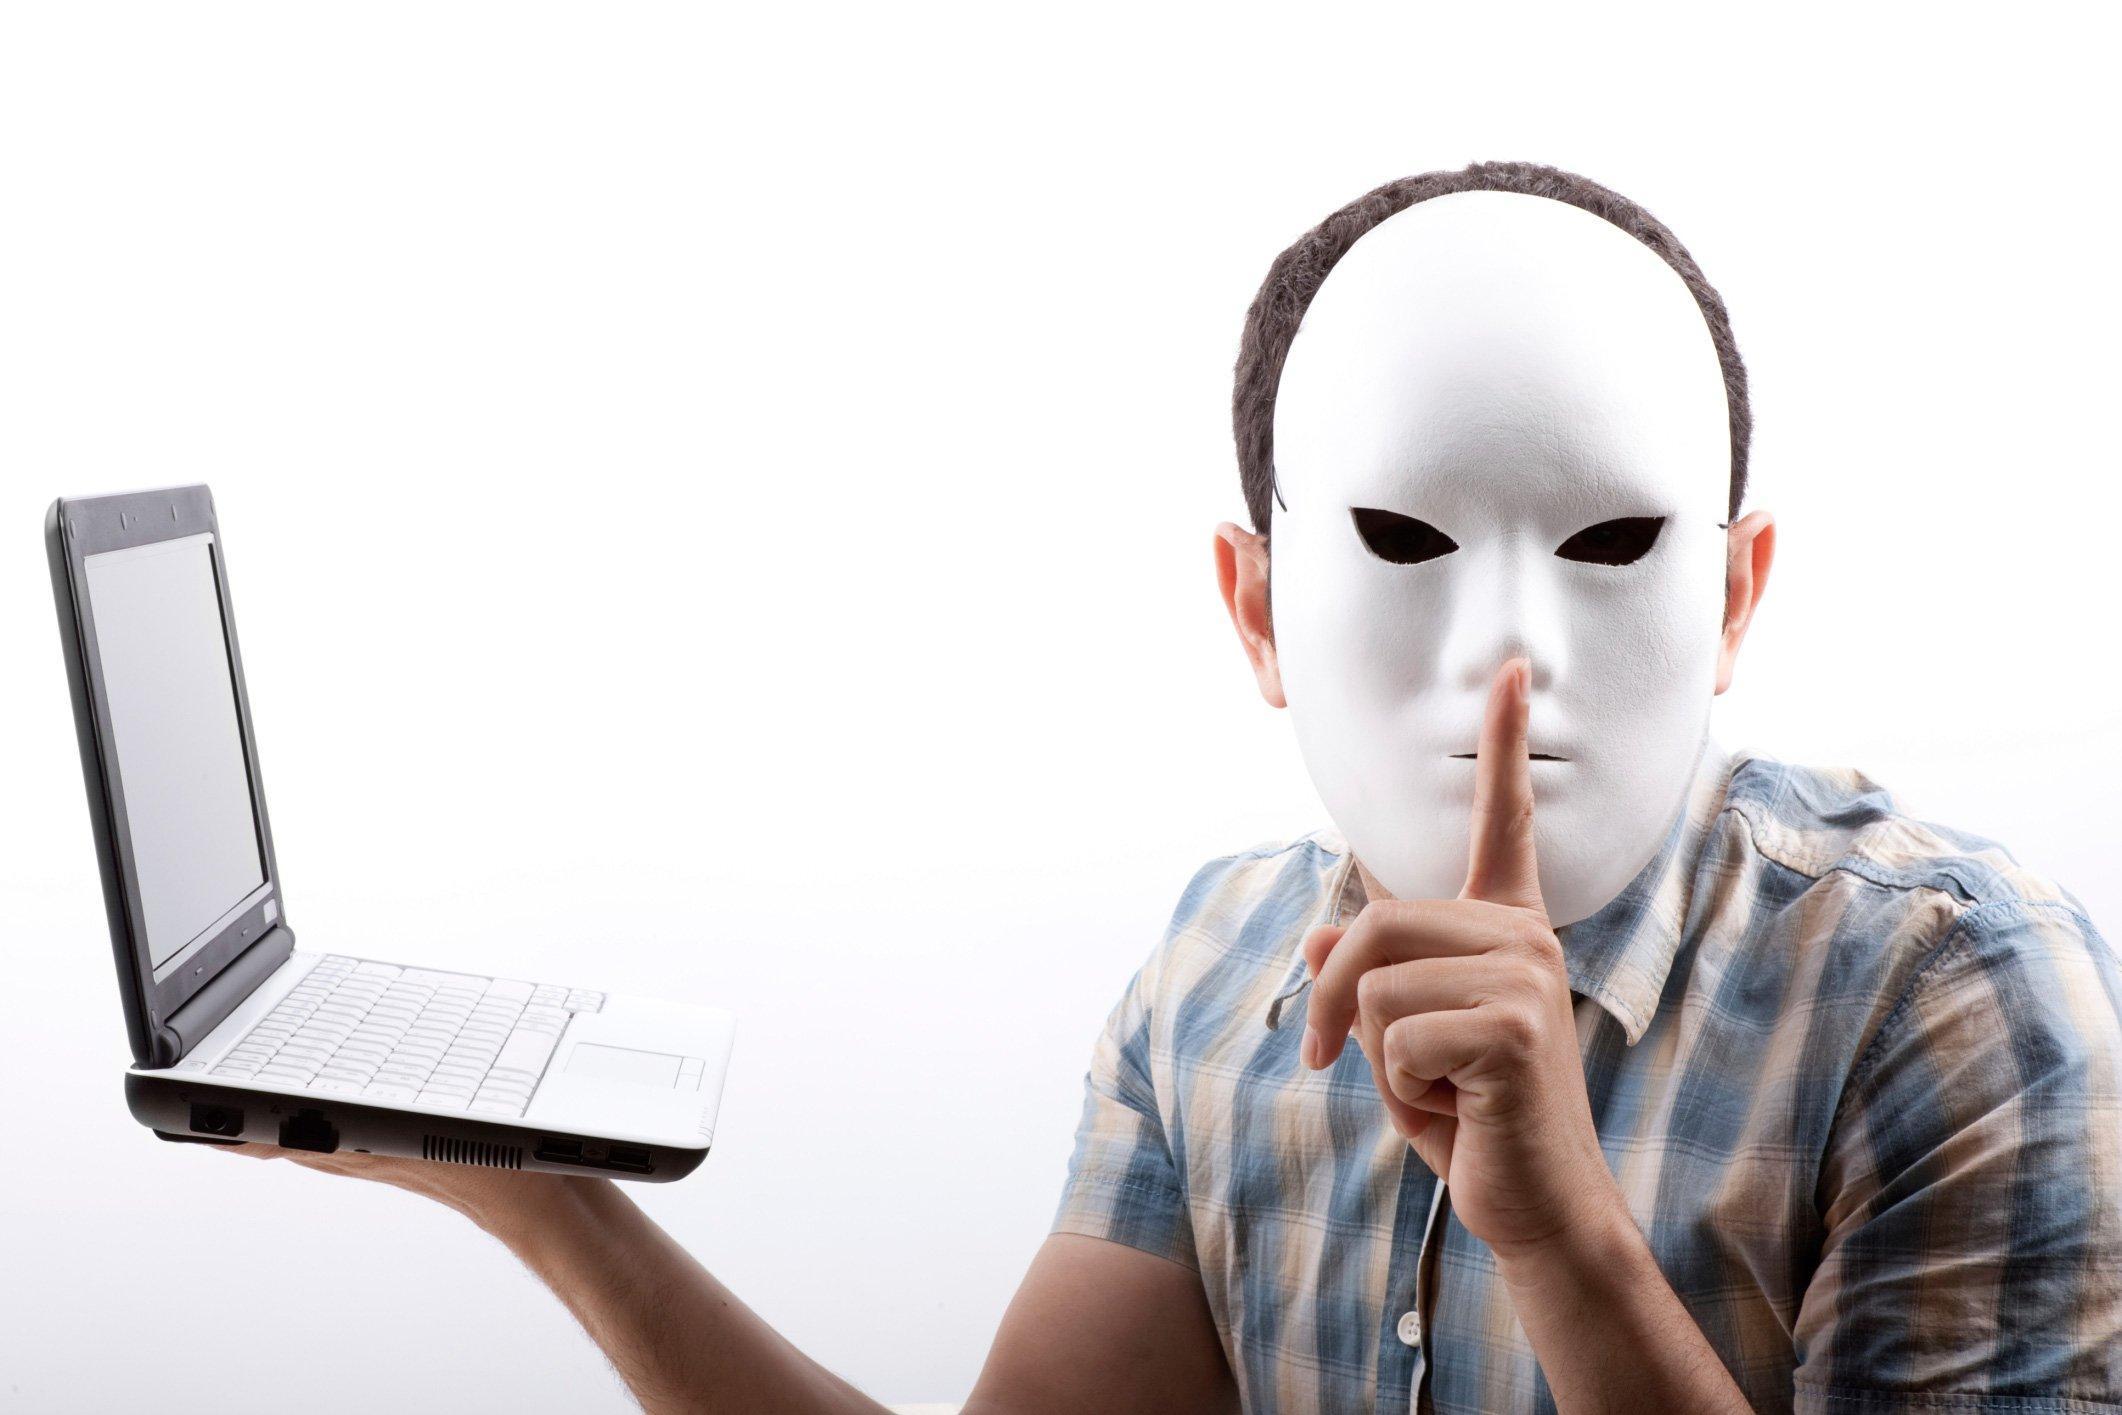 Анонимные признания в интернете стали доступны в России